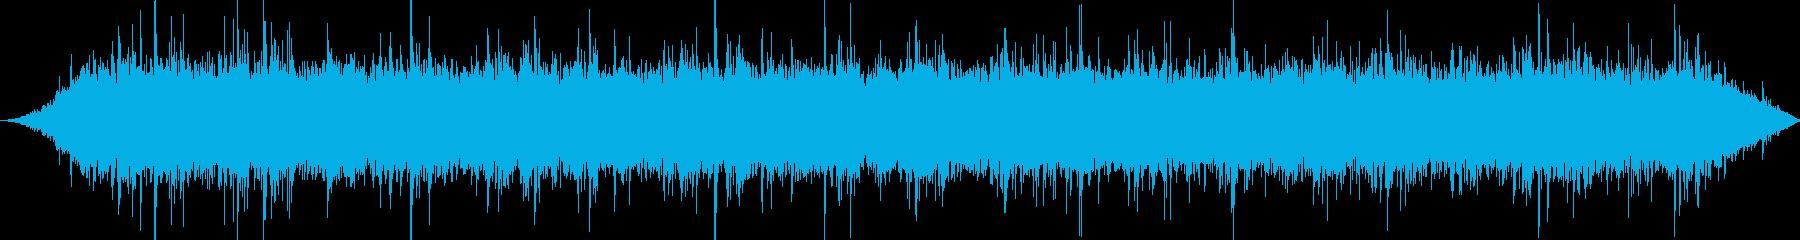 機械室:絶え間ないモーターのar音...の再生済みの波形